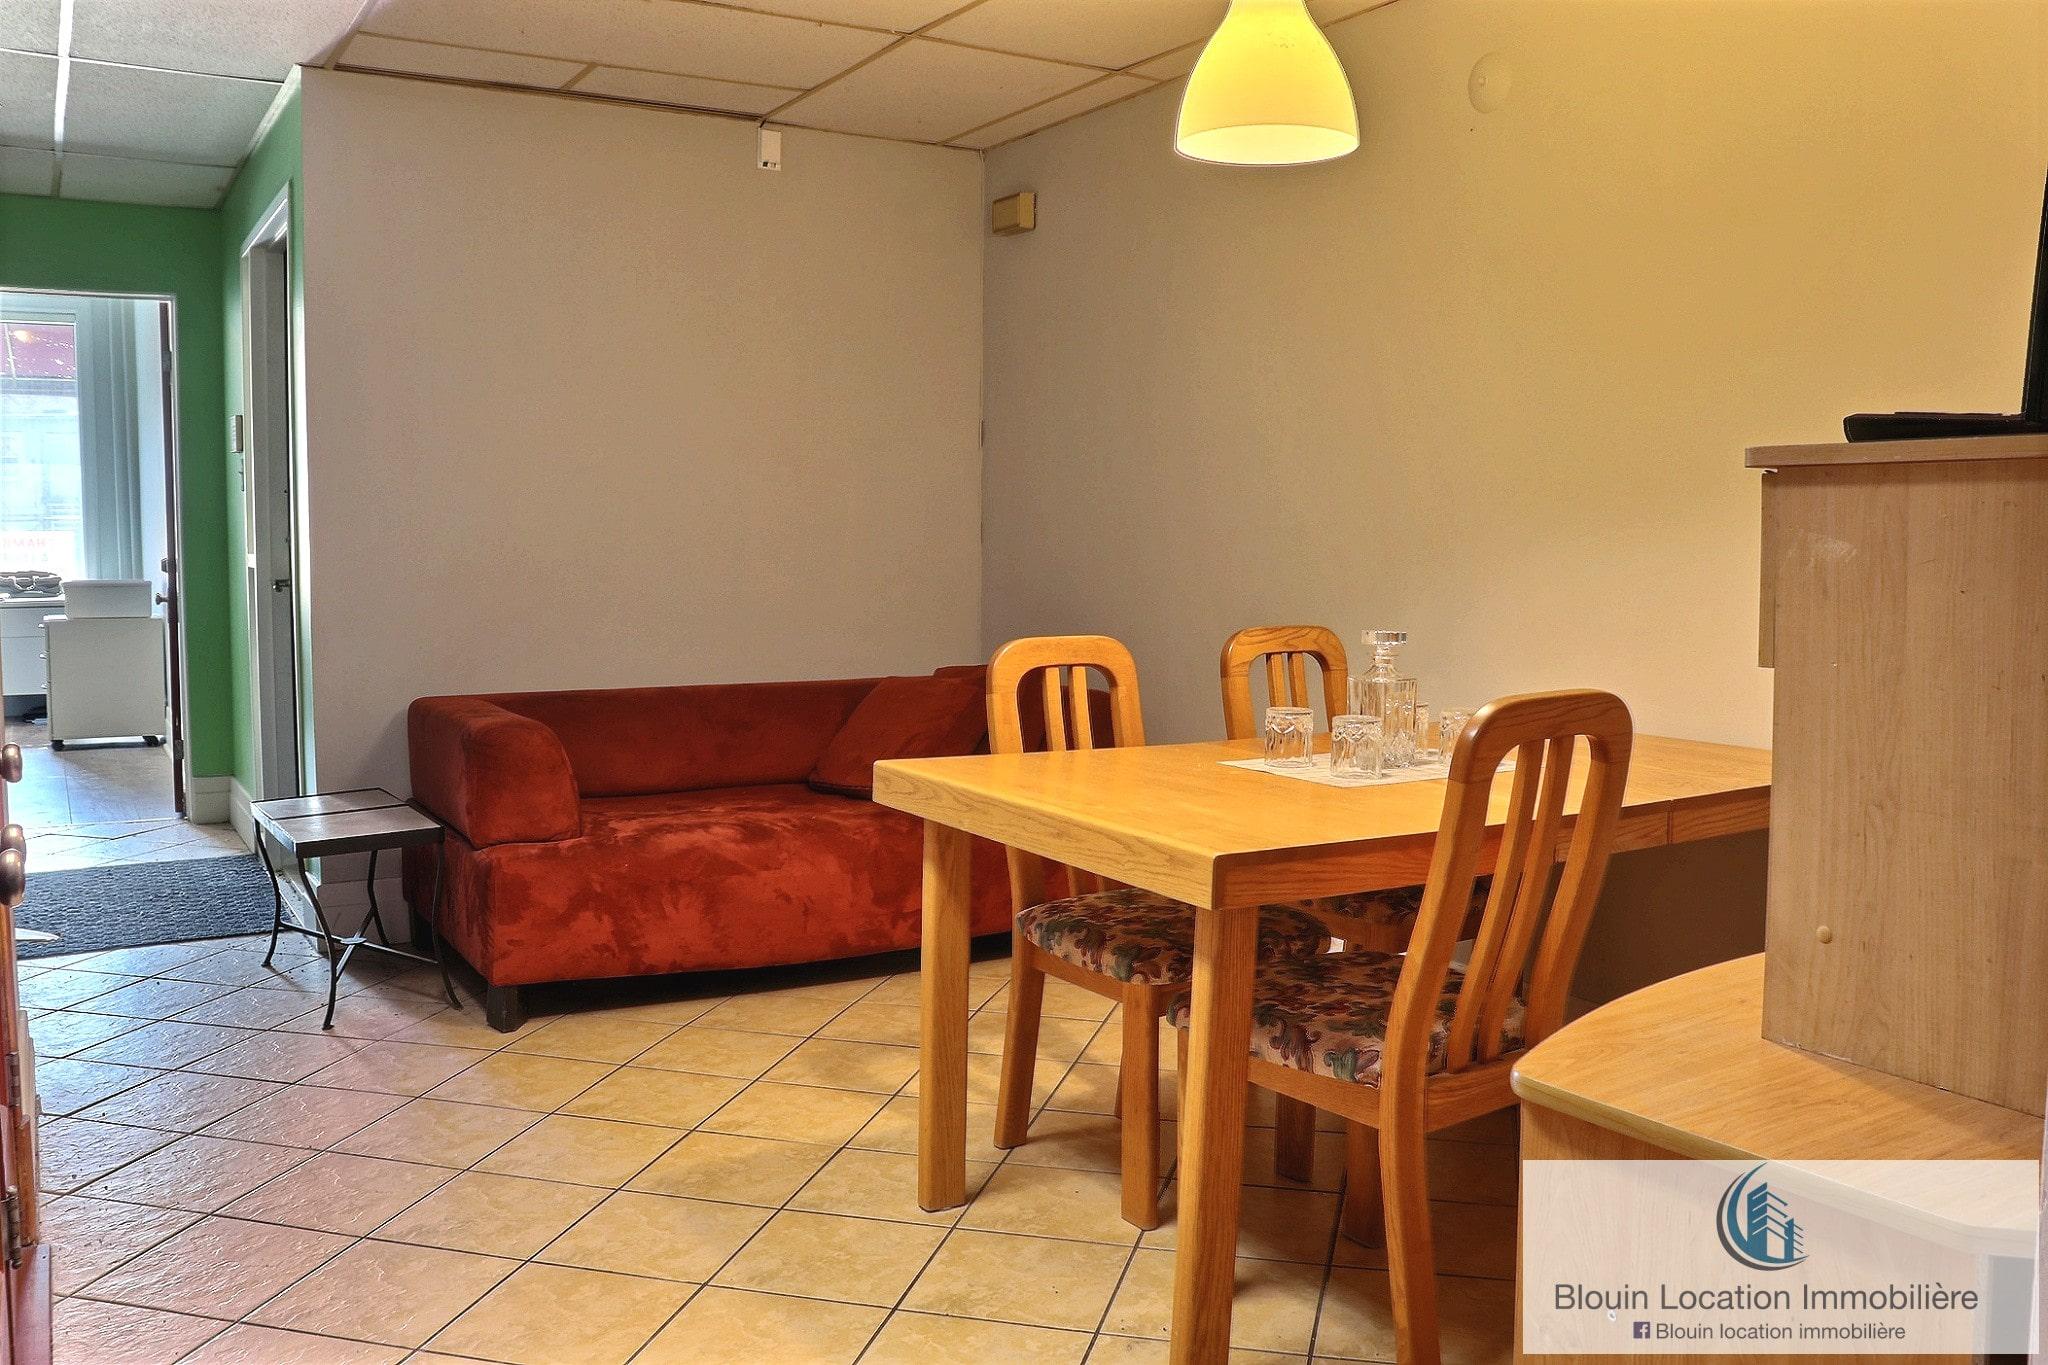 Photo 3 : Chambre / Pour Décembre/ Chemin Ste-Foy / Tout inclus / Wifi / Air clim / UL